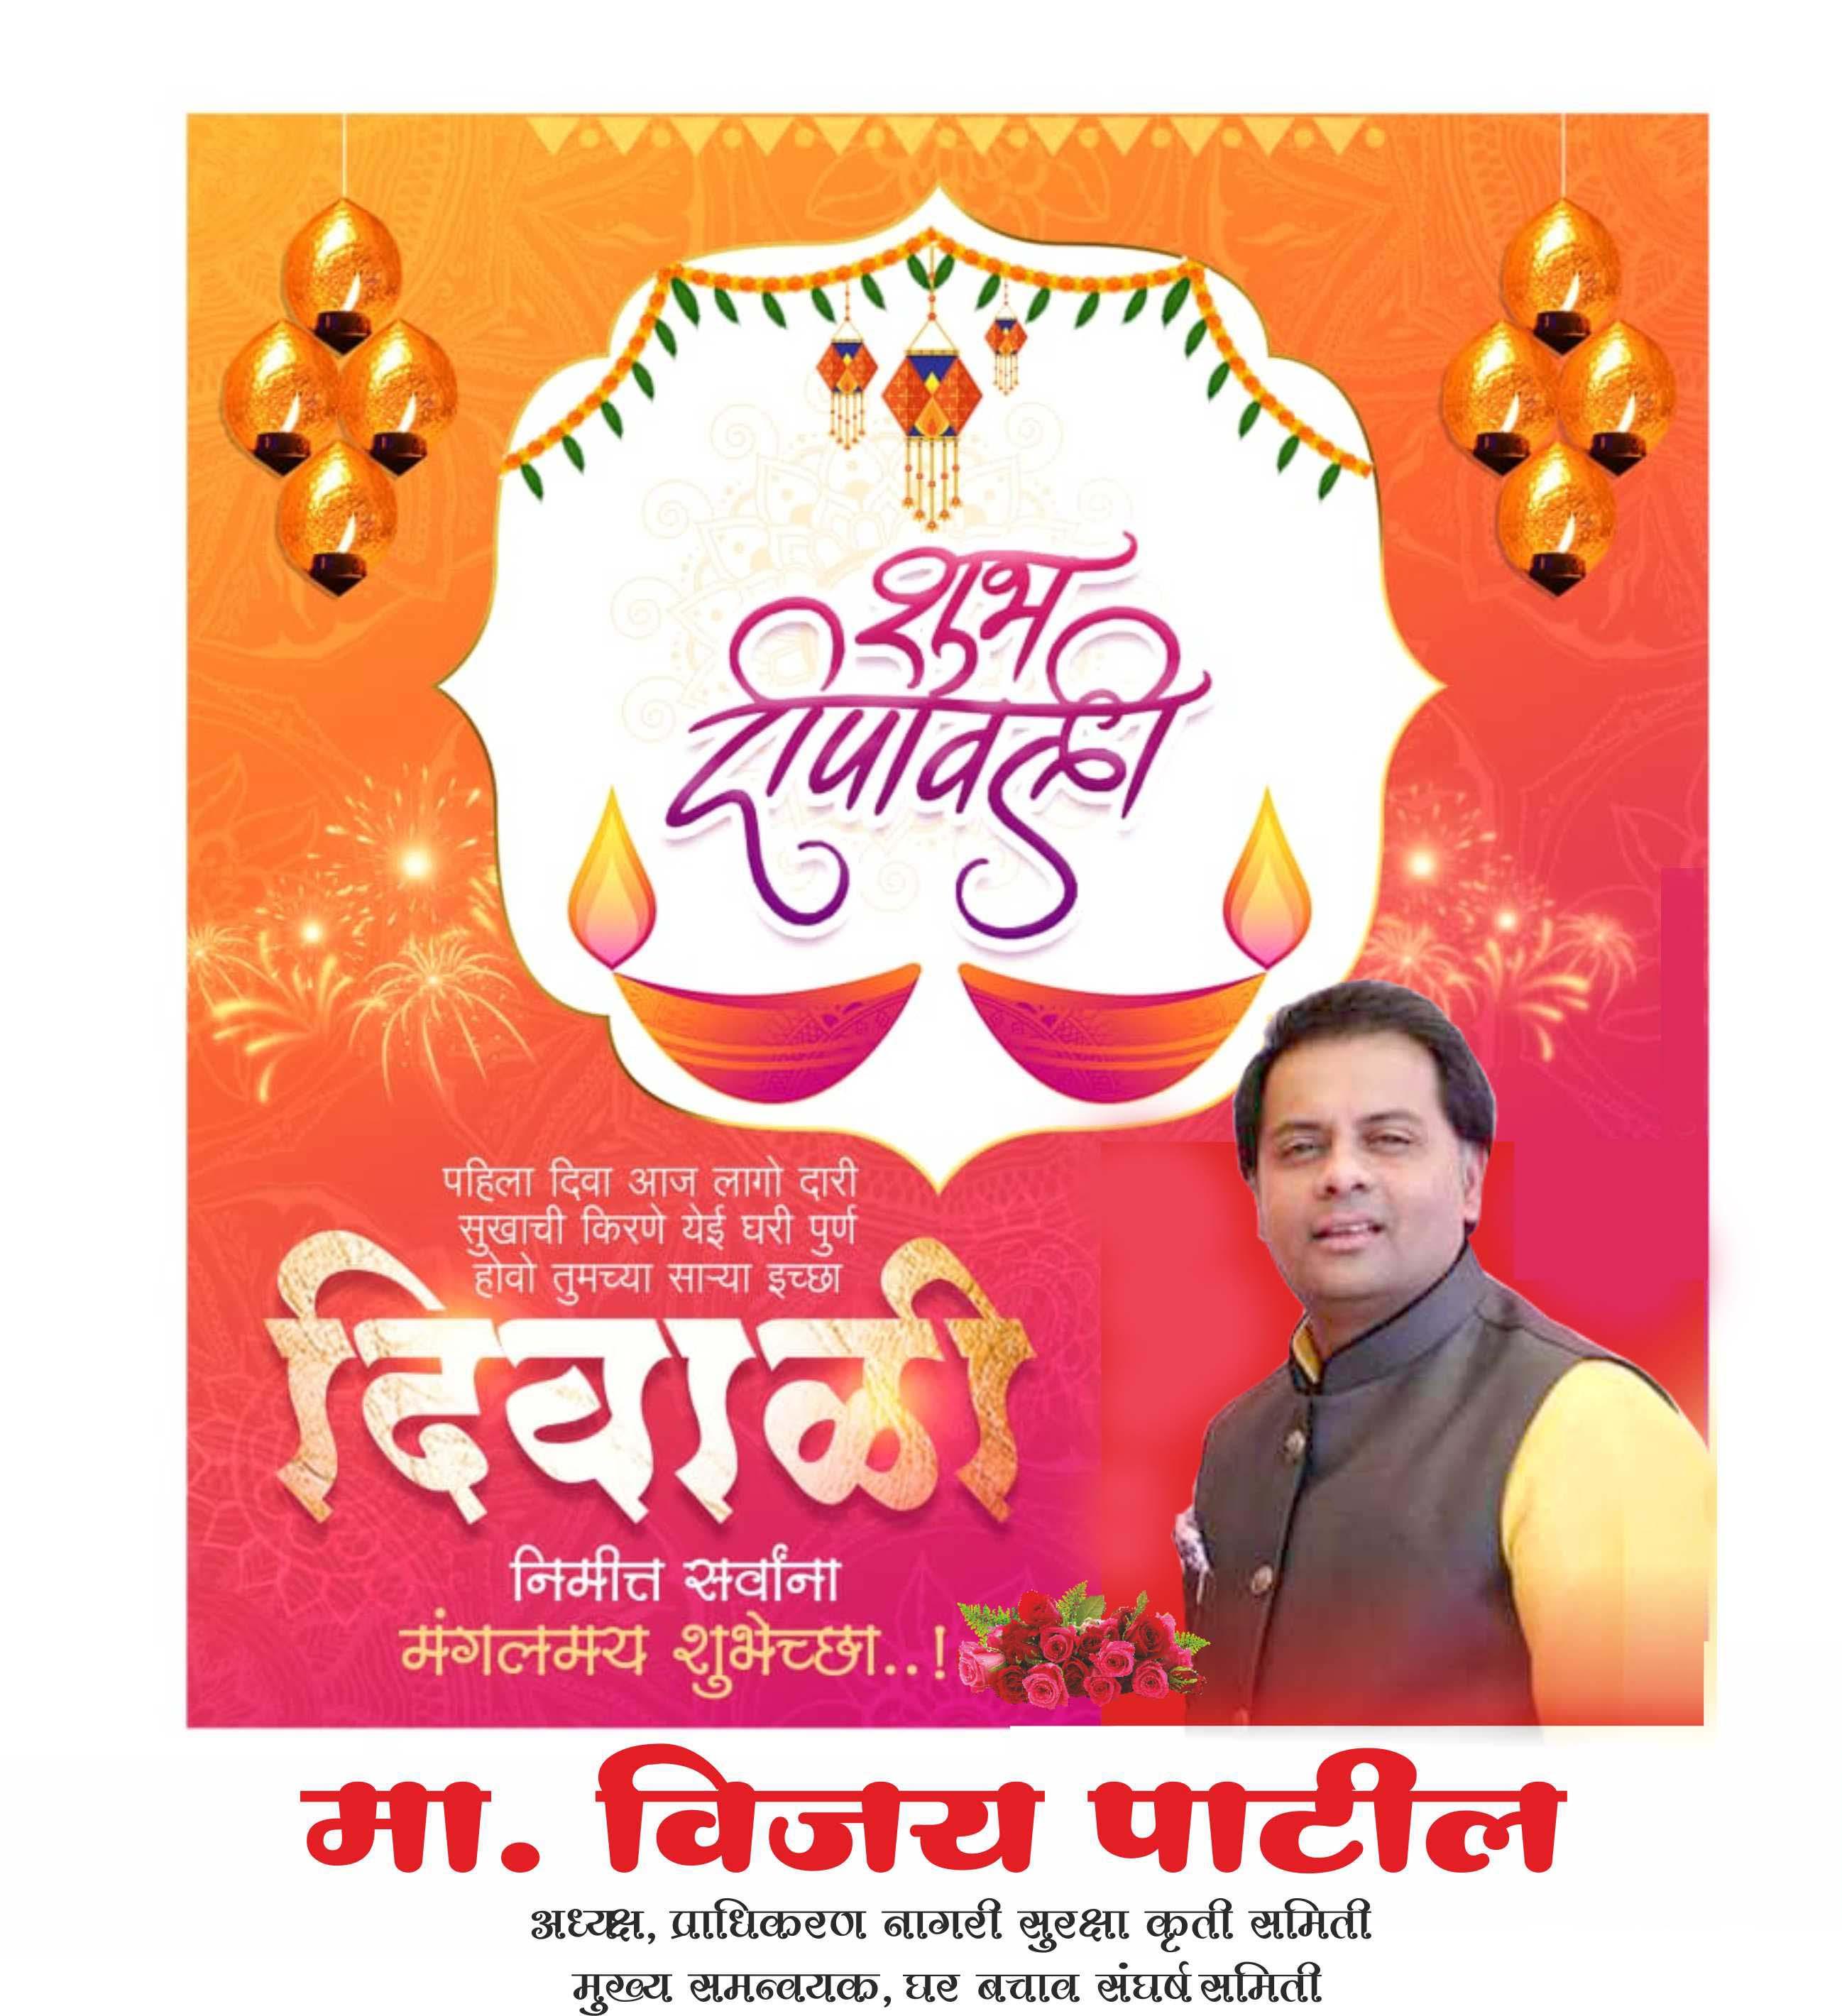 (जाहिरात).. सर्व नागरिकांना दीपावलीच्या हार्दिक शुभेच्छा...